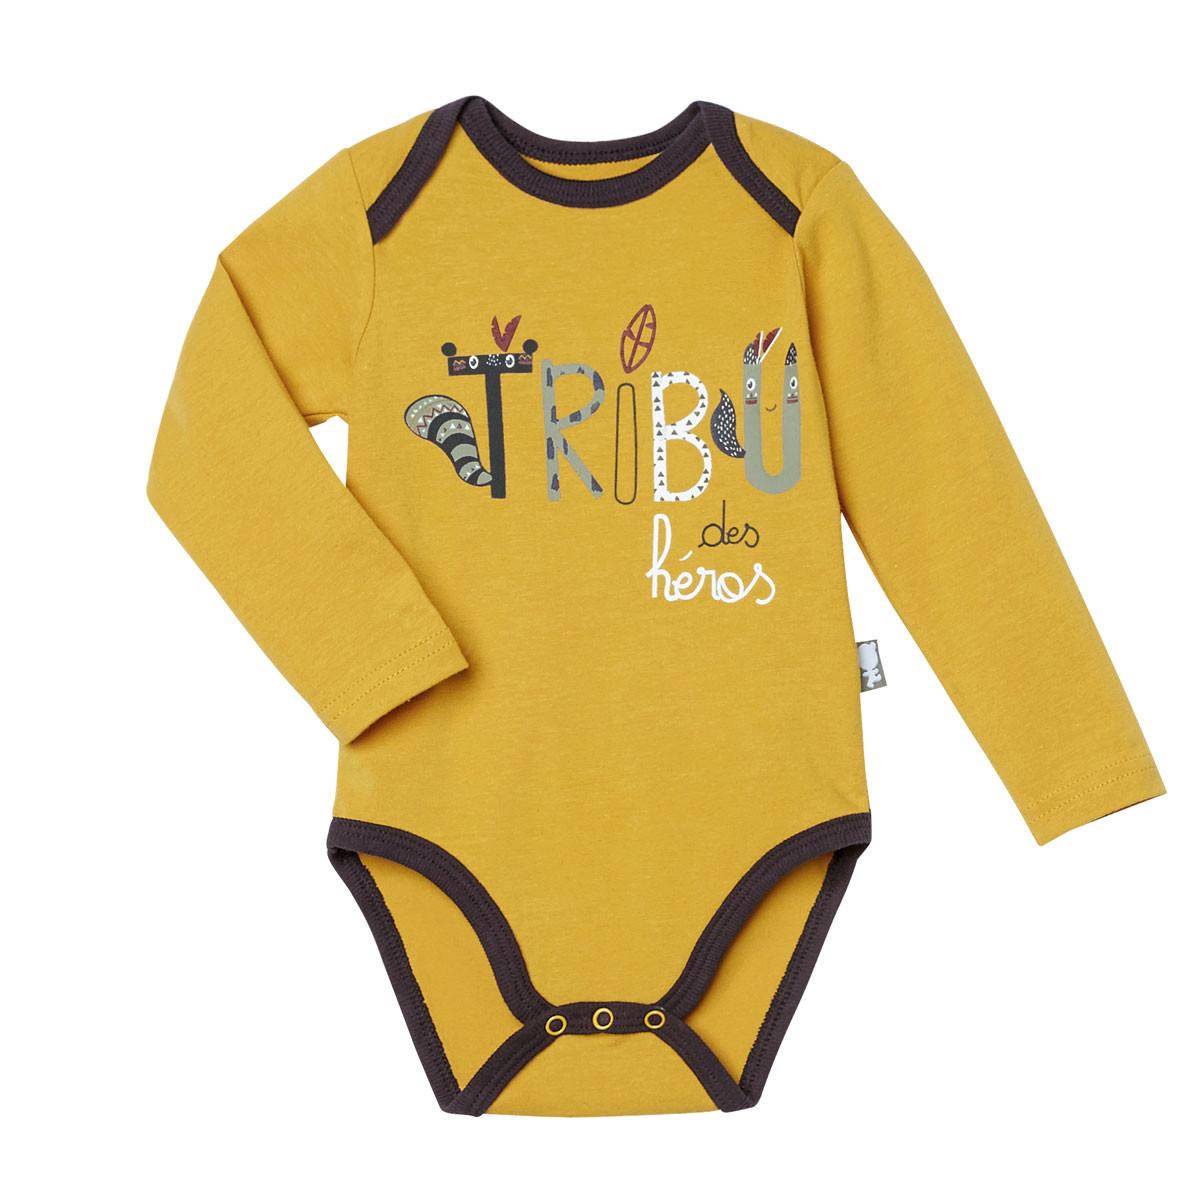 Lot de 2 bodies bébé garçon manches longues Foxy jaune ocre